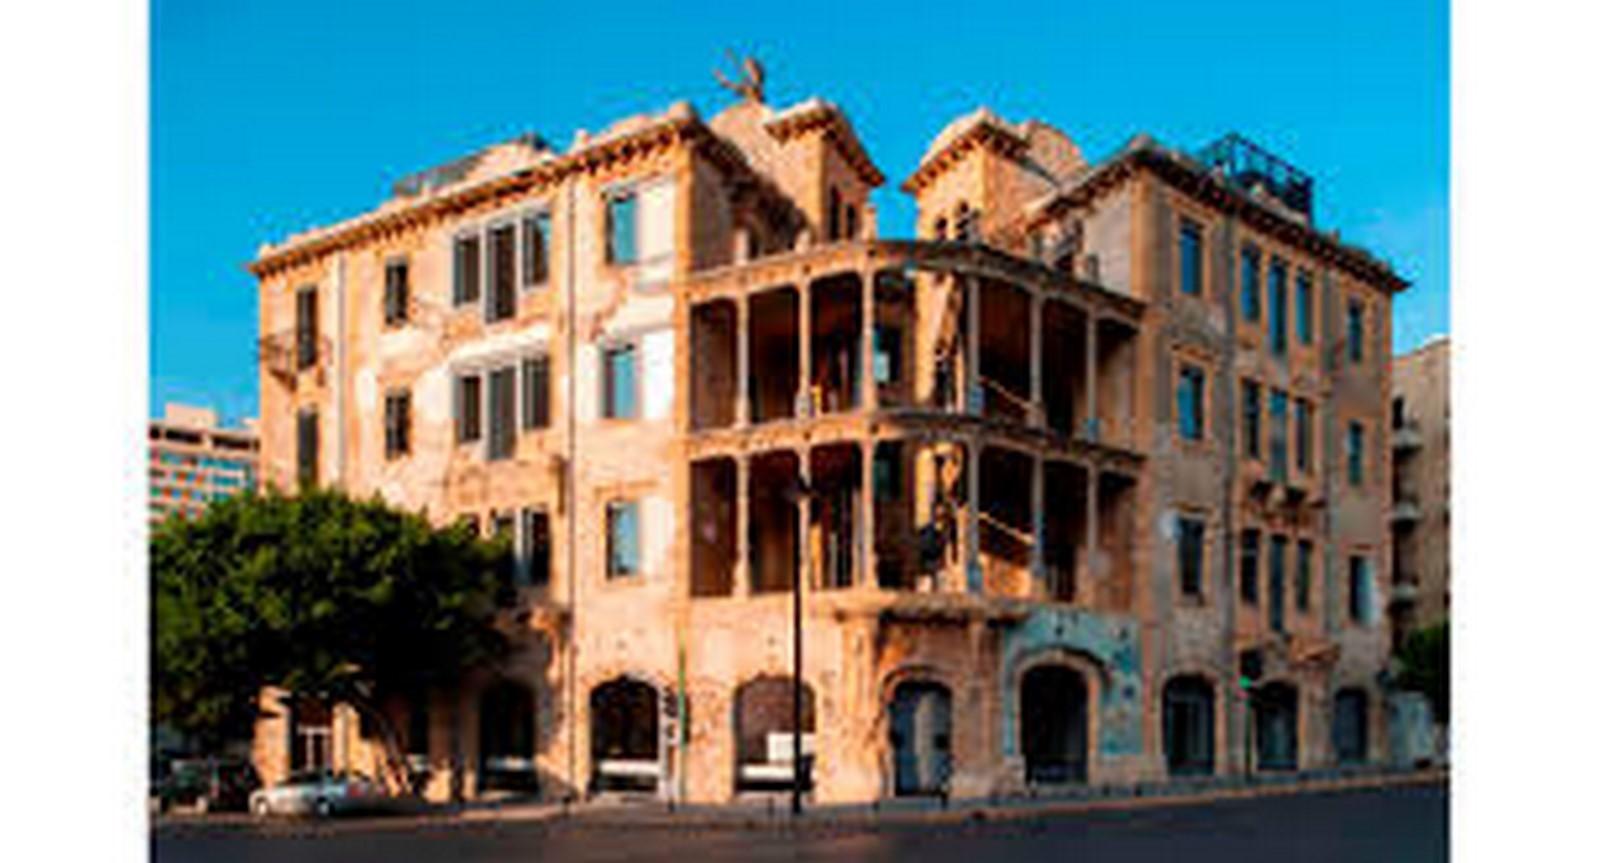 Beit Beirut - Sheet1